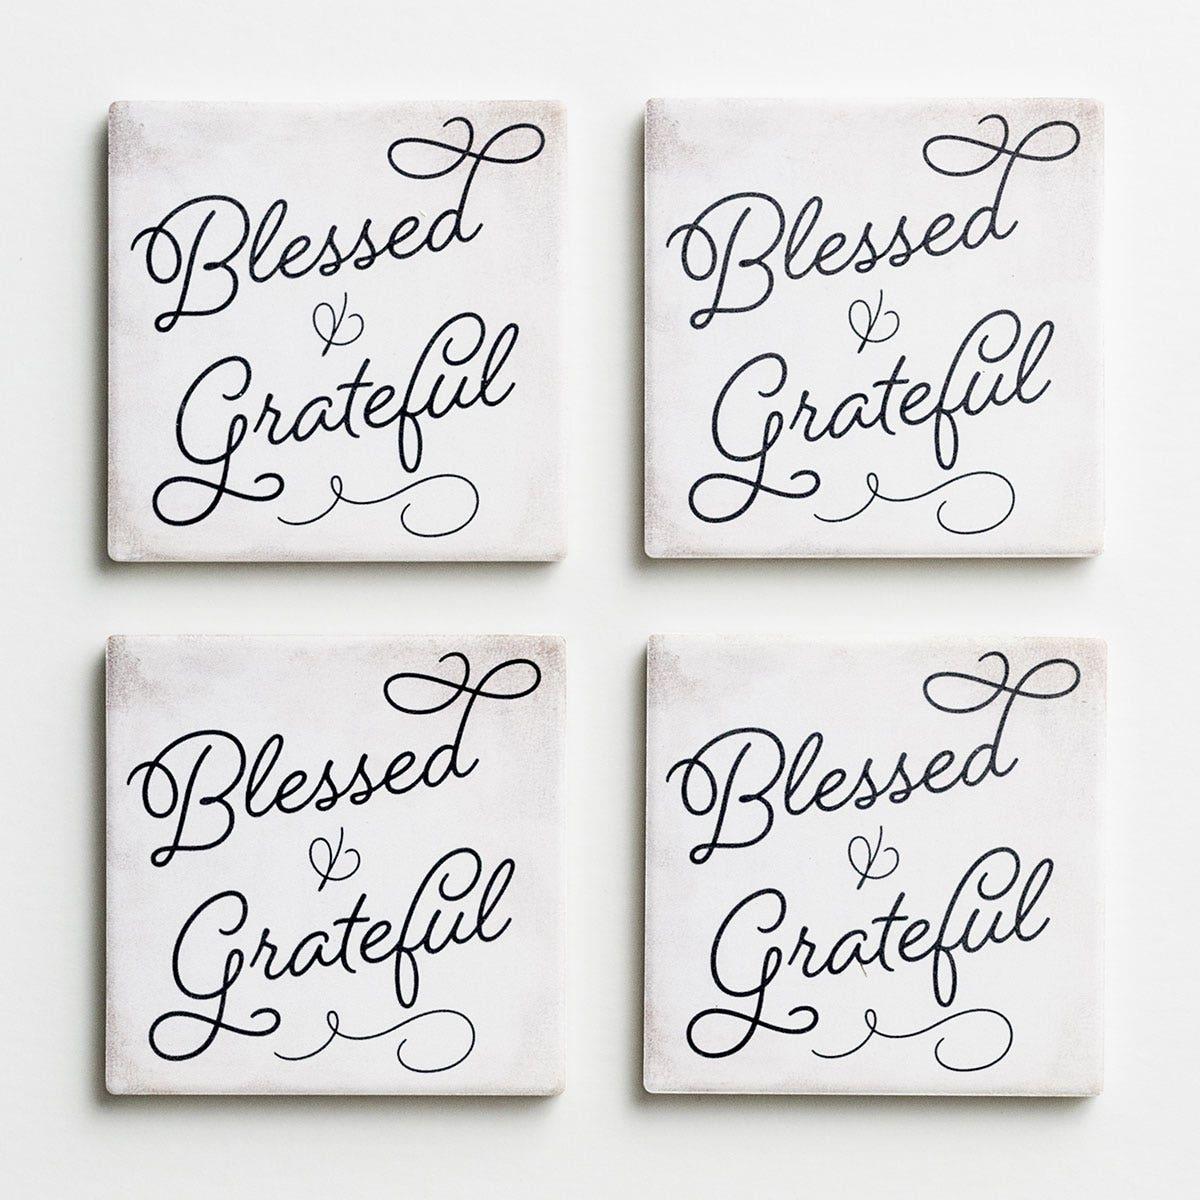 Blessed & Grateful - Ceramic Coasters, Set of 4